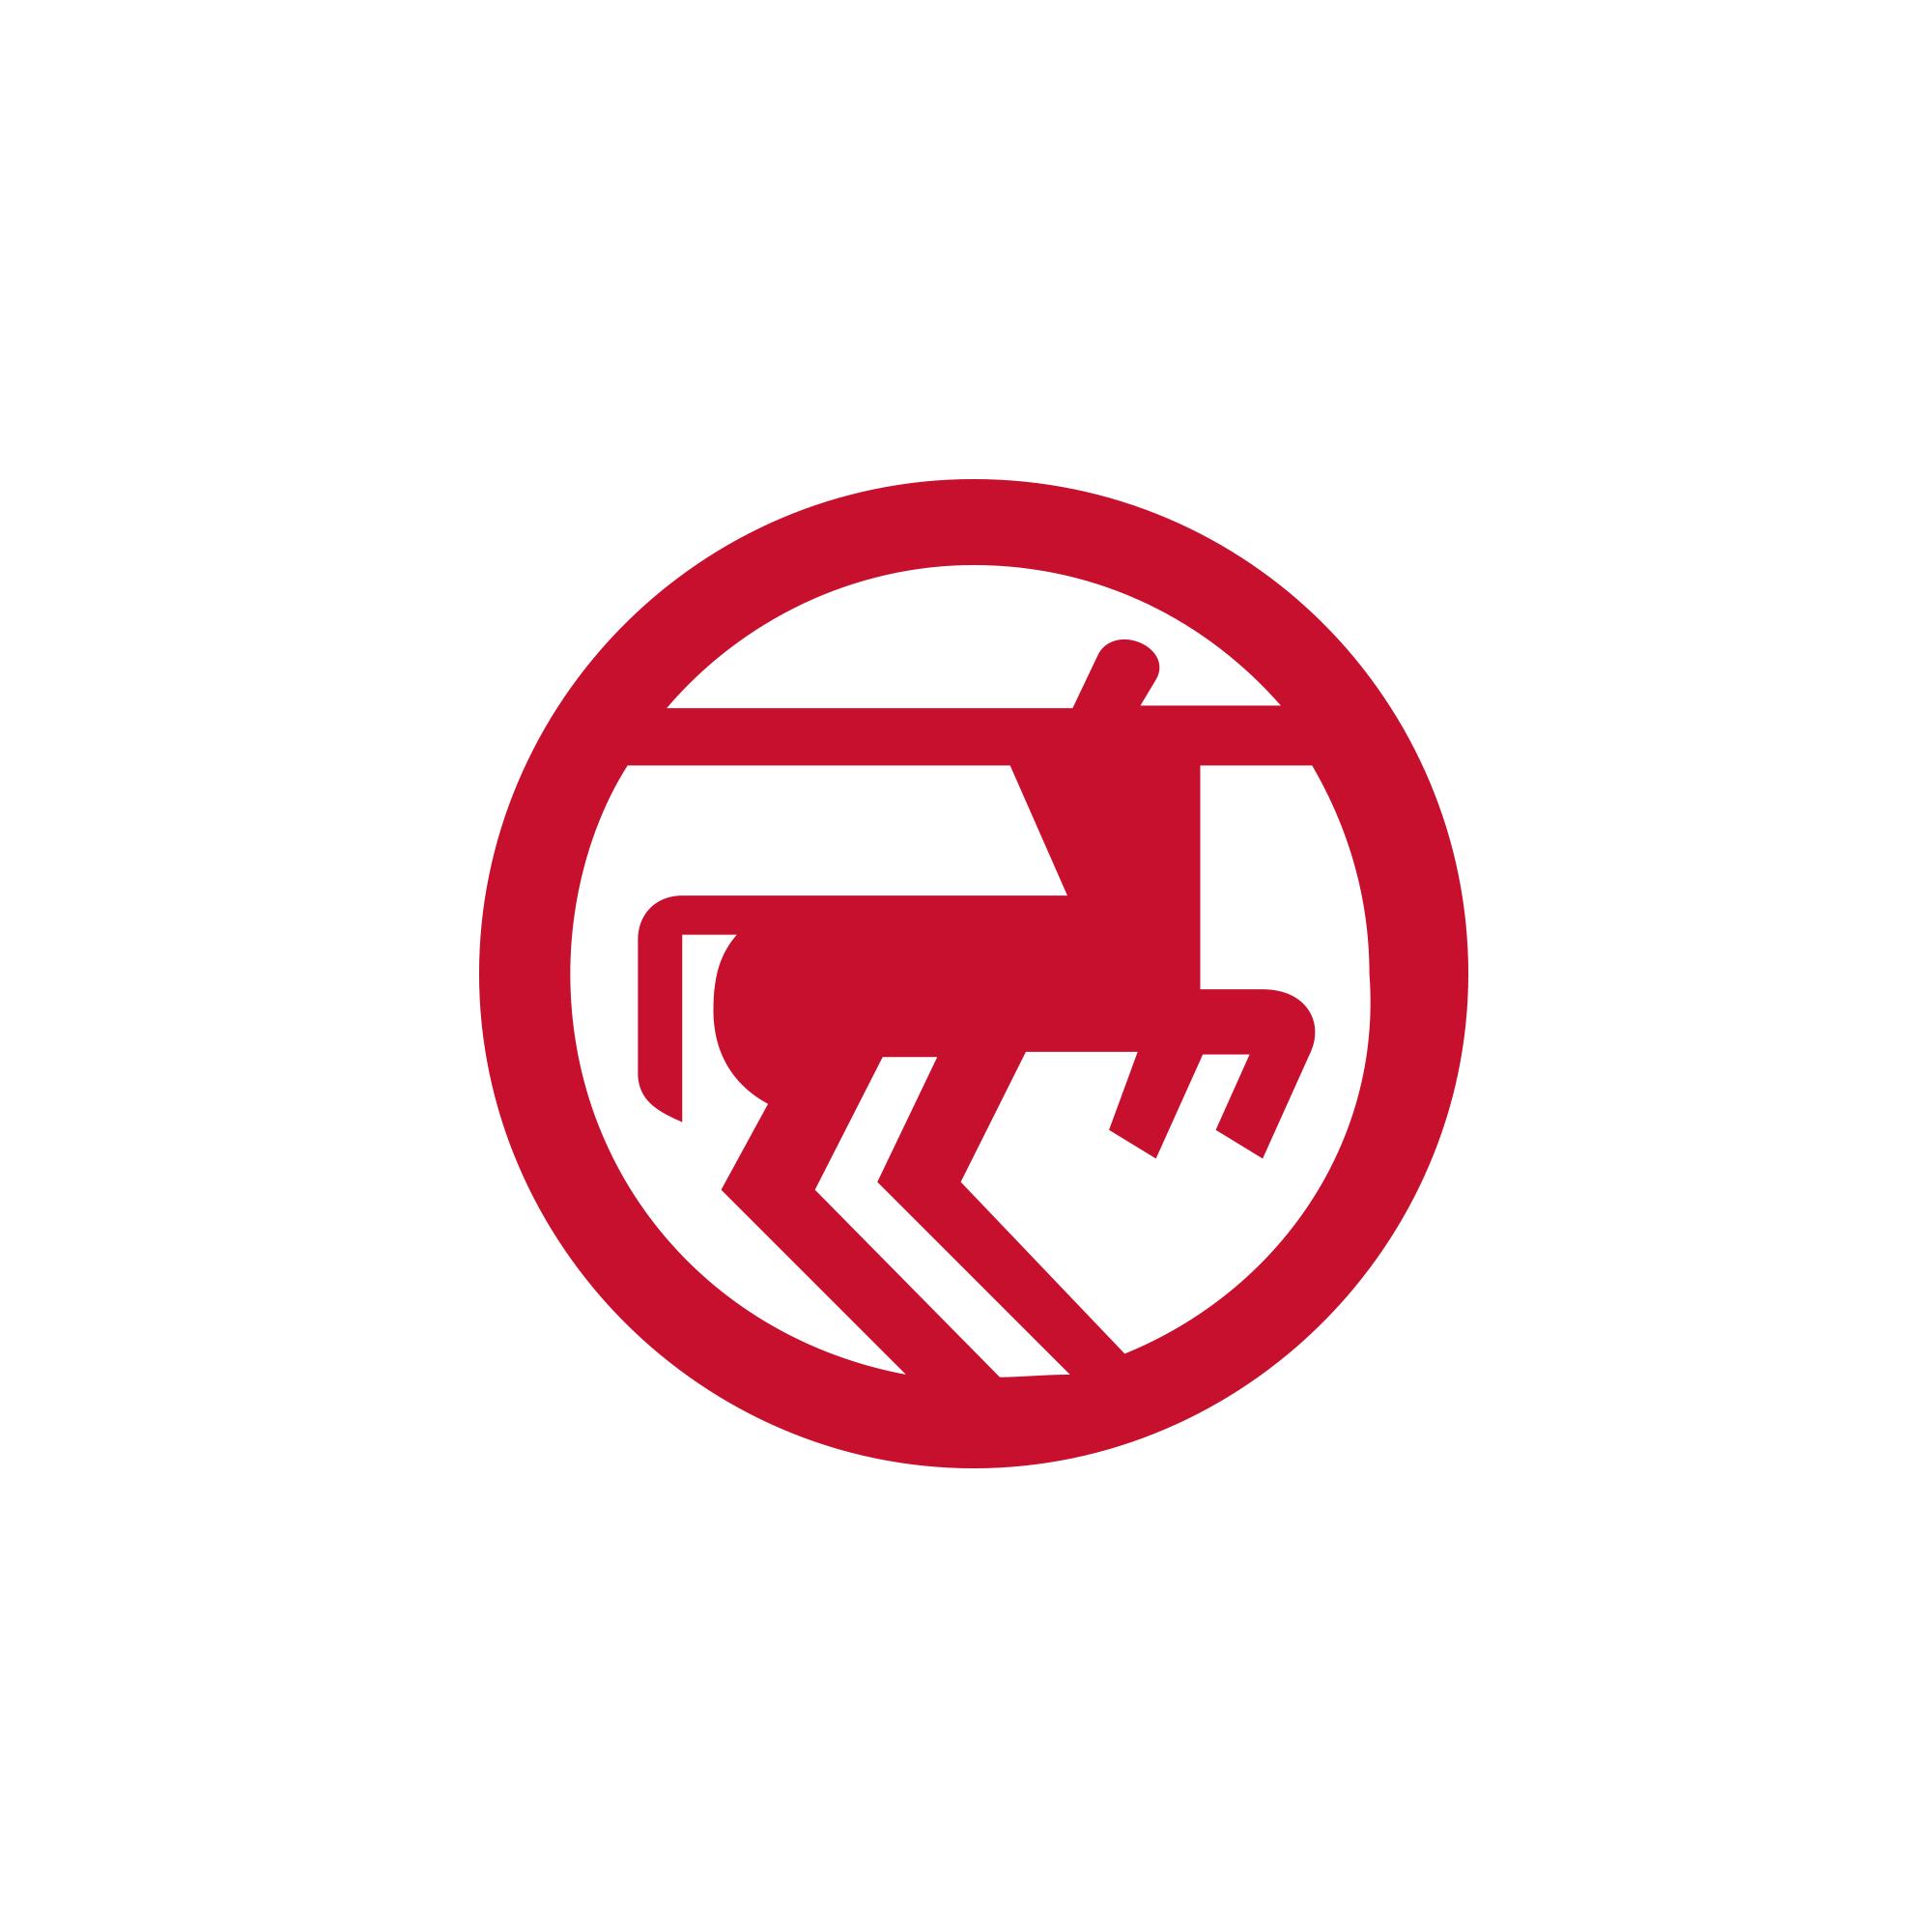 Rossmann logo   Germany in 12   Letter logo, Logos, Letter o